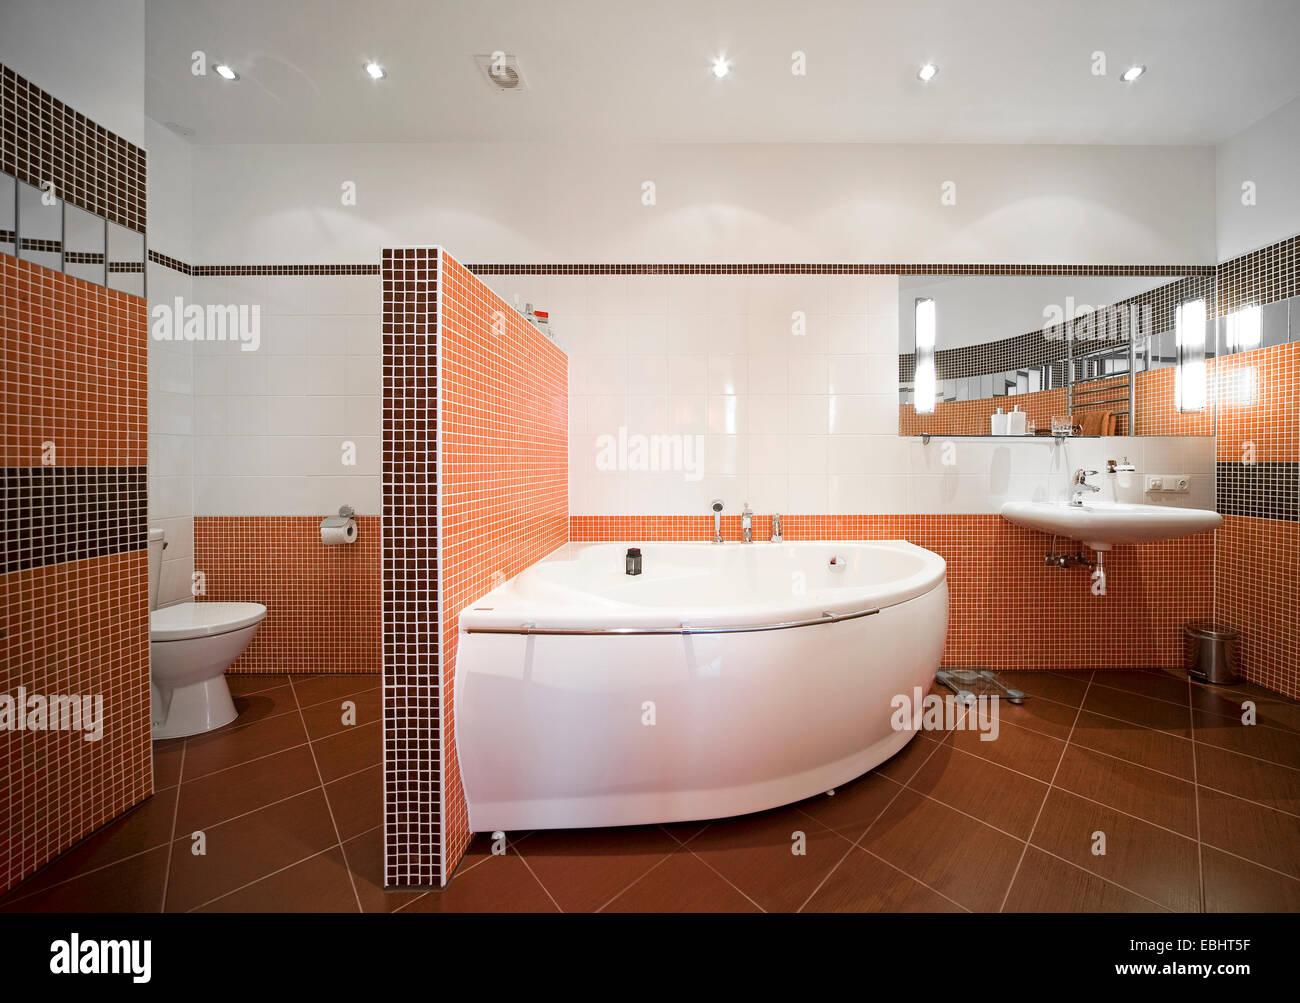 Modernes Badezimmer Interieur, Duschkabine, Spiegel, Waschbecken ...